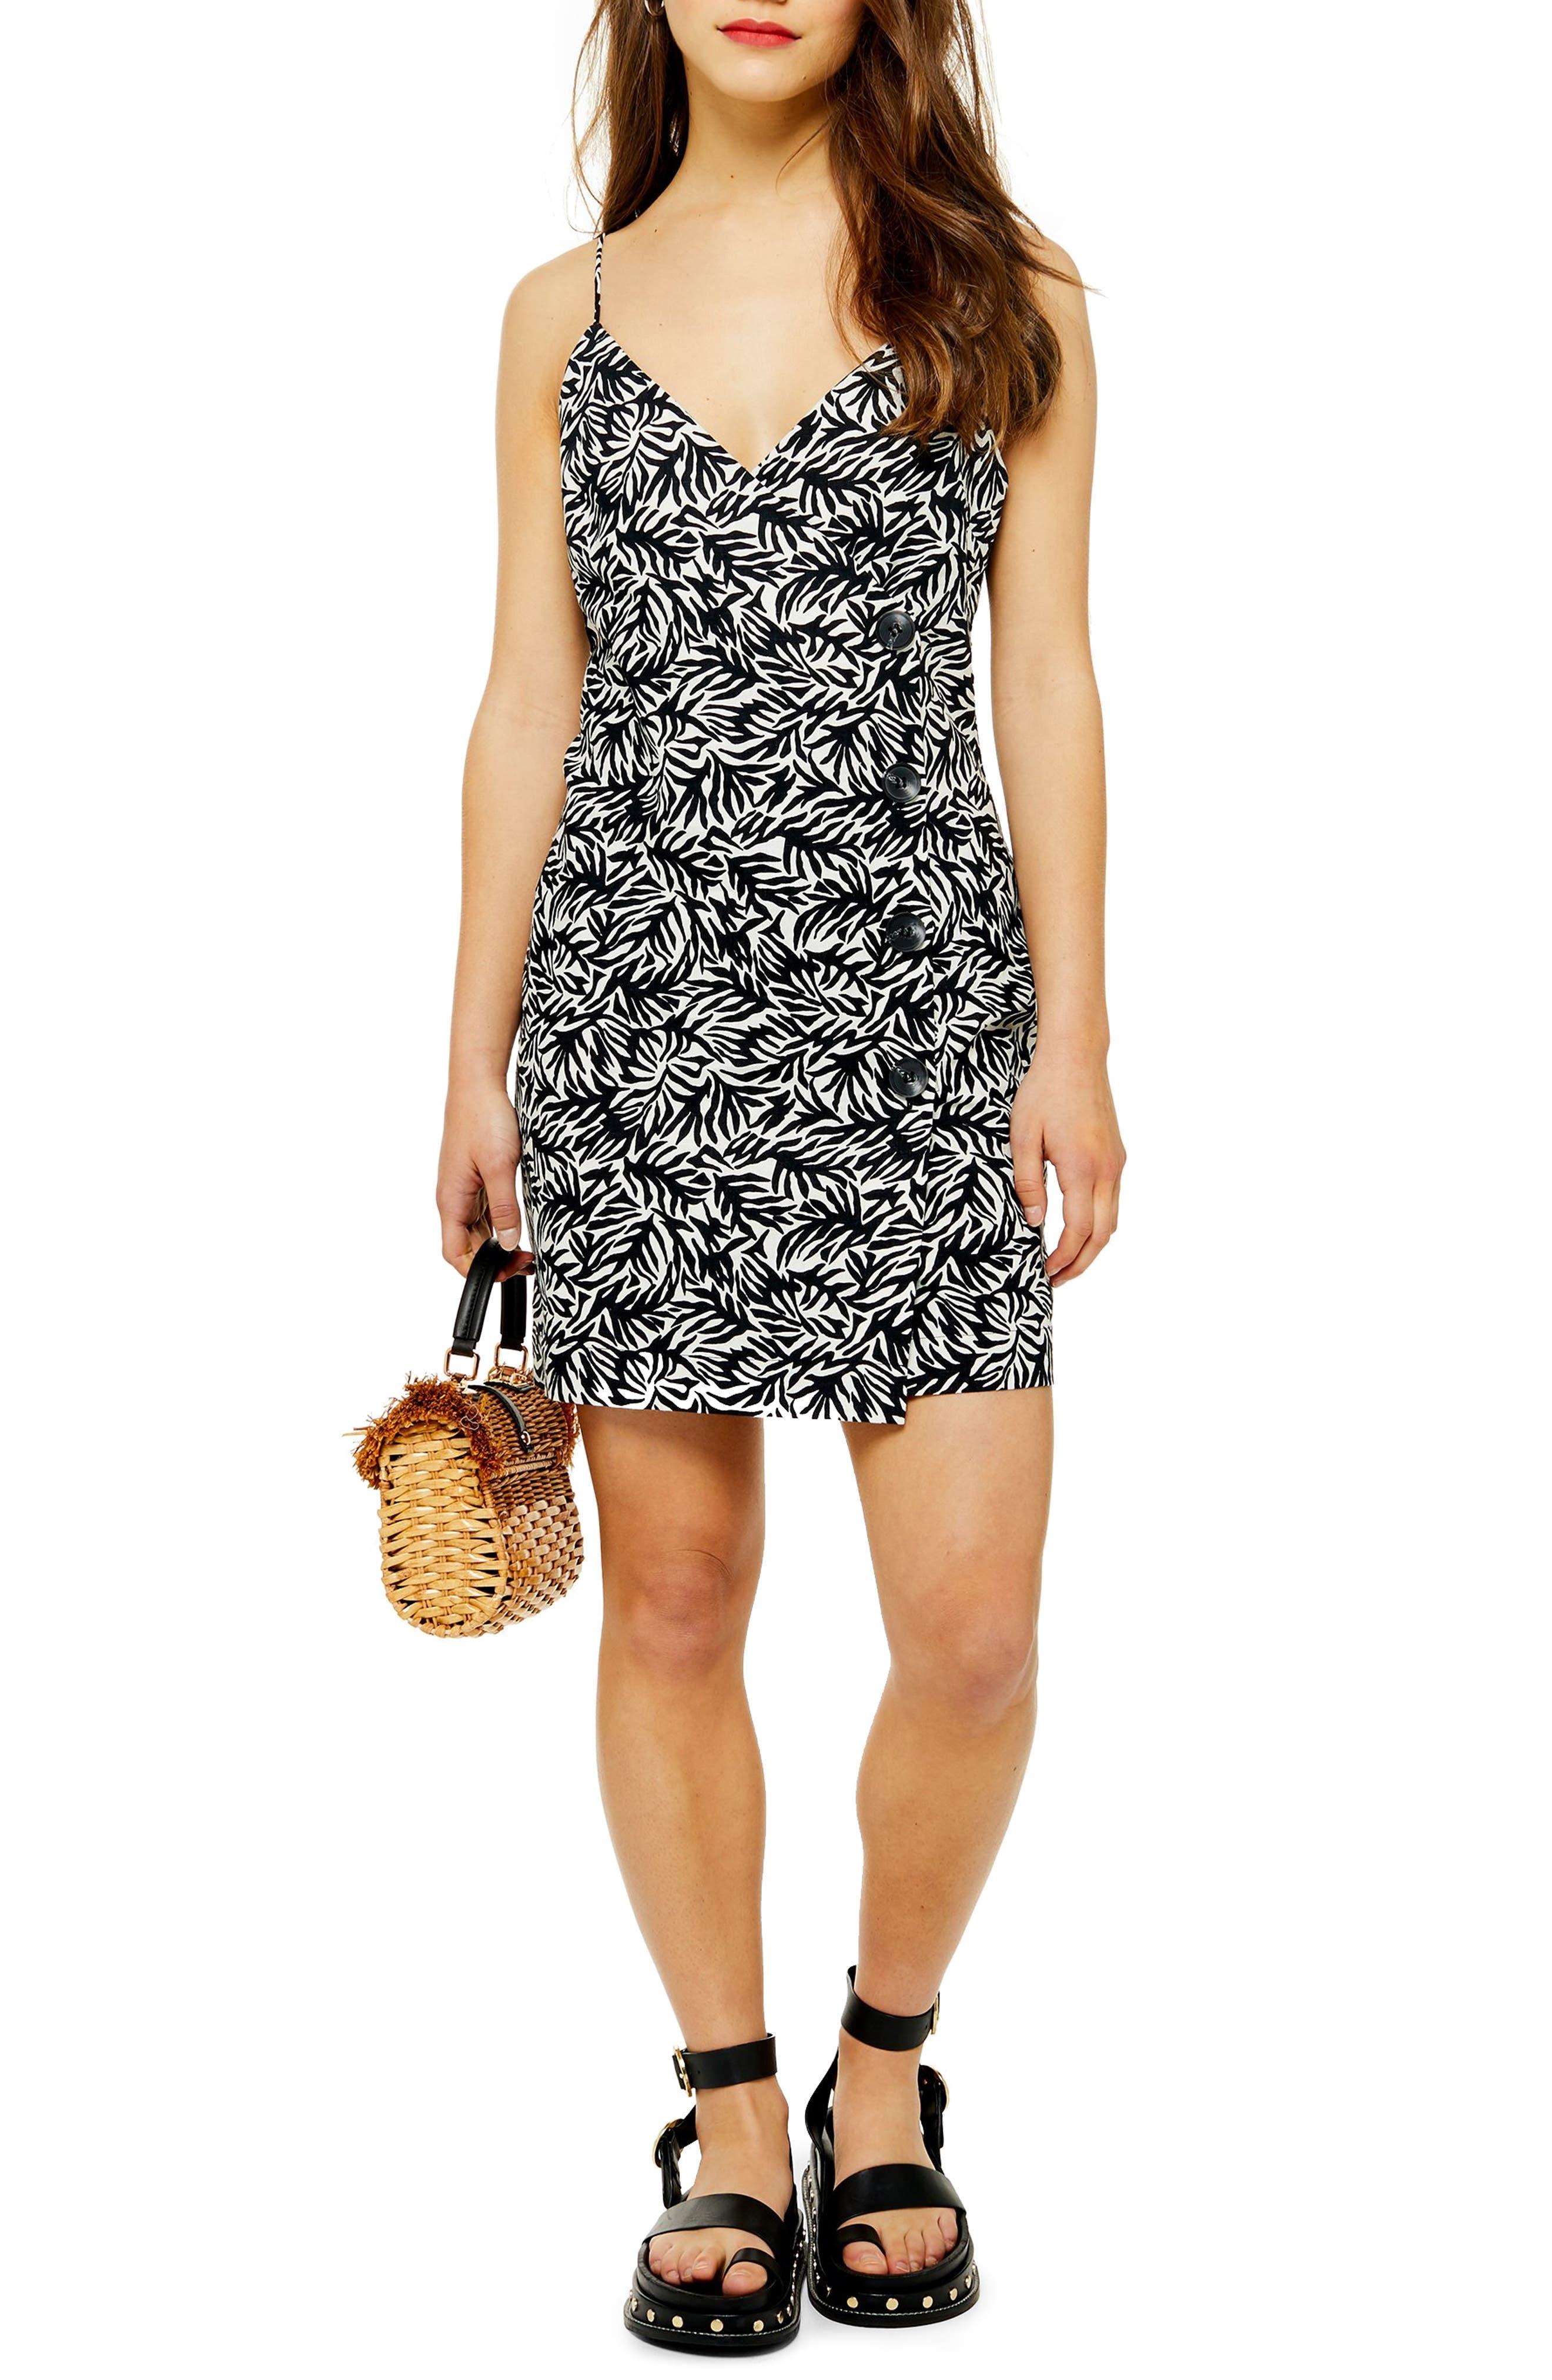 Petite Topshop Sleeveless Button Minidress, P US (fits like 10-12P) - Black